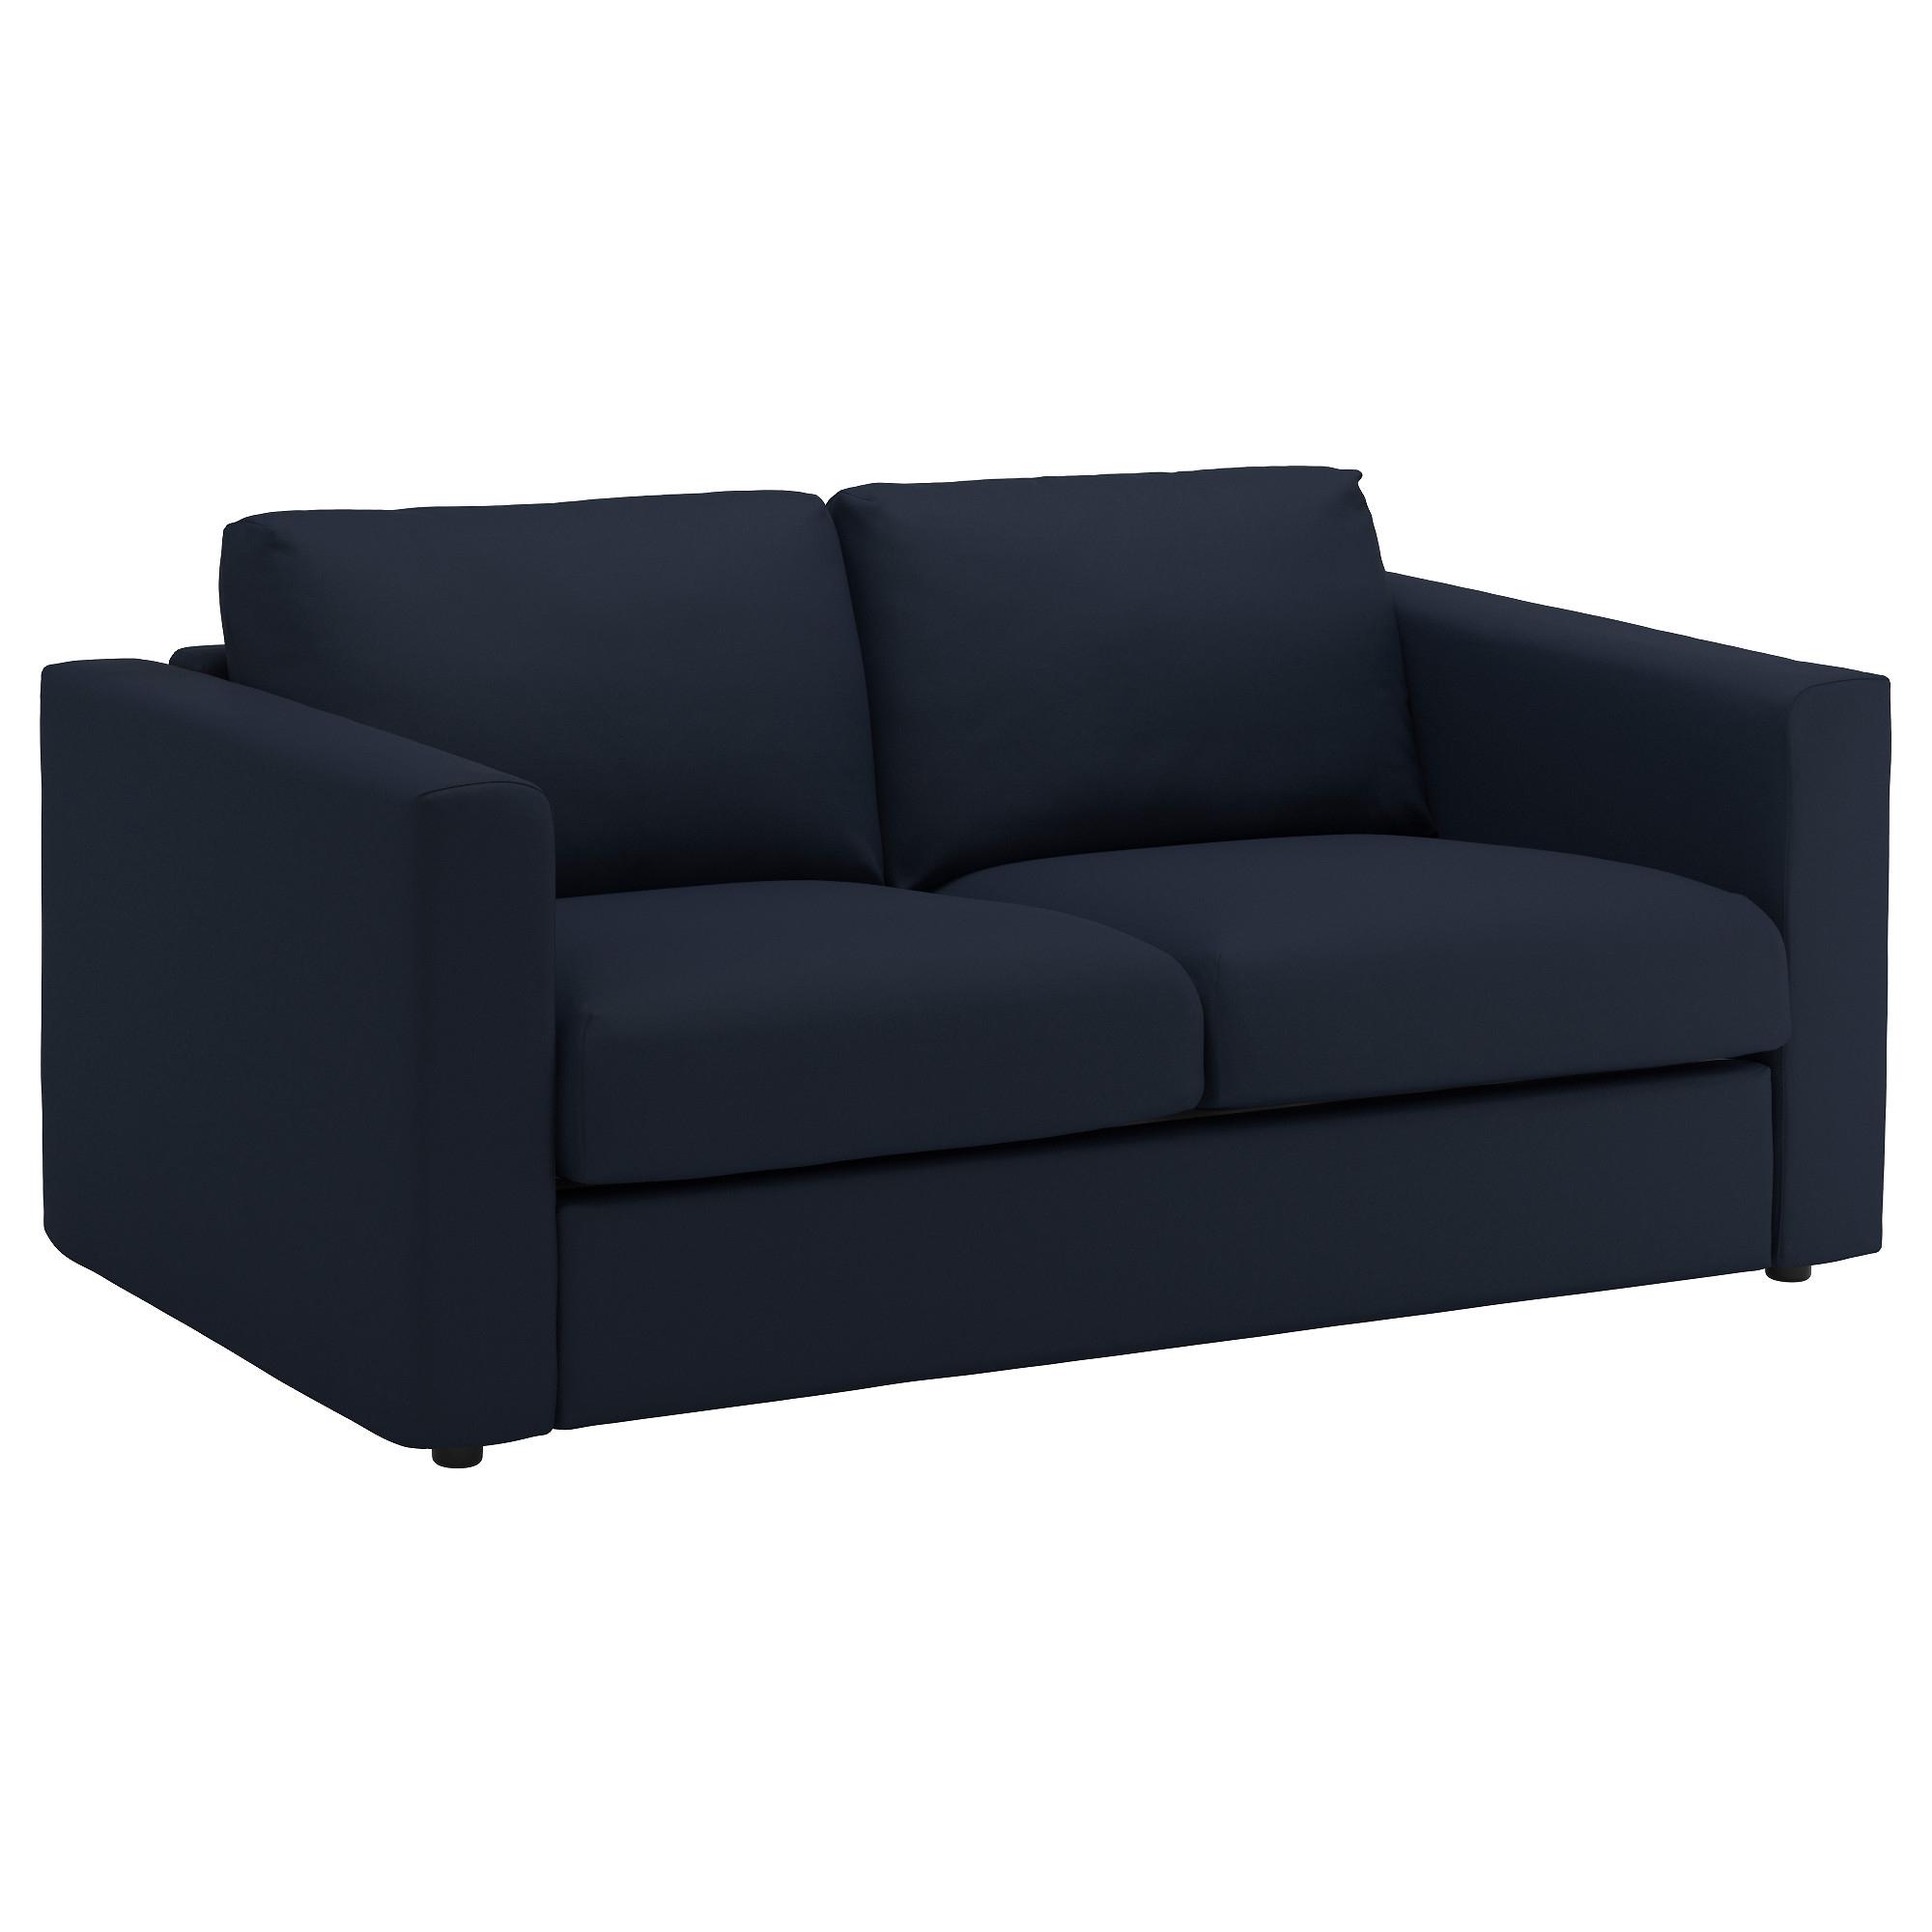 Black 2 Seater Sofas